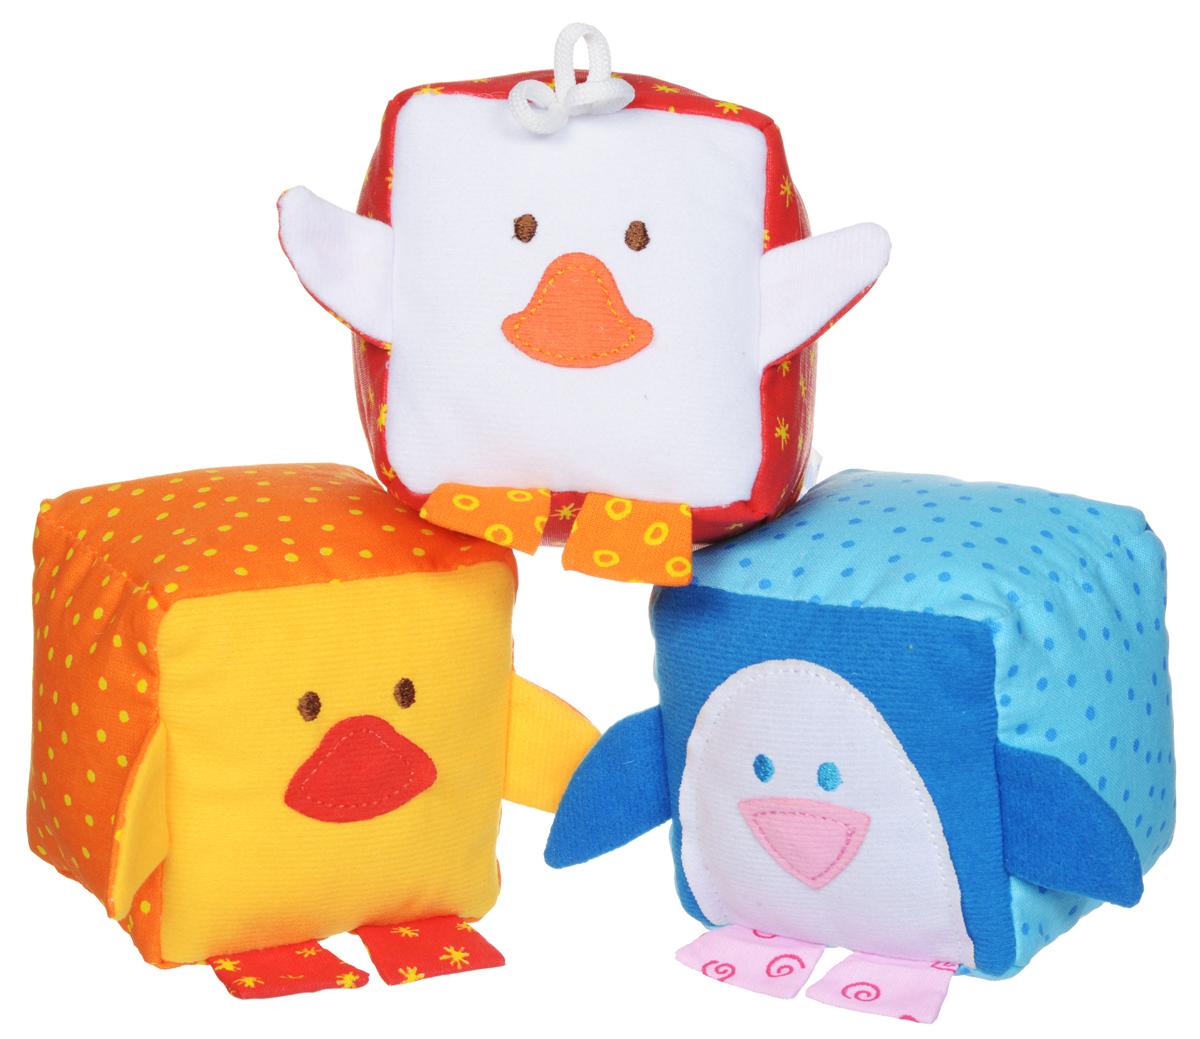 Мякиши Мягкие кубики ЗооМякиши Птицы 3 шт245_красный, оранжевый, голубойМягкие кубики Мякиши ЗооМякиши: Птицы помогут вашему ребенку увлекательно и с пользой провести время. Набор состоит из трех разноцветных кубиков, выполненных в виде птиц: пингвиненка, цыпленка и утенка. С помощью кубиков ваш ребенок познакомится с птицами и сможет научиться первым навыкам конструирования. Кубики порадуют ребенка яркими цветами, милыми мордочками, а также разнообразием фактур. Внутри пингвиненка спрятана погремушка, внутри цыпленка - мелодичный колокольчик, а внутри утенка находится веселая пищалка. Кубики выполнены из высококачественной ткани с мягким наполнителем. Удачно подобранный размер, цвет и понятные рисунки помогут вашему малышу развить мышление, координацию движений и мелкую моторику рук, а также в игровой форме познакомиться с окружающим миром.